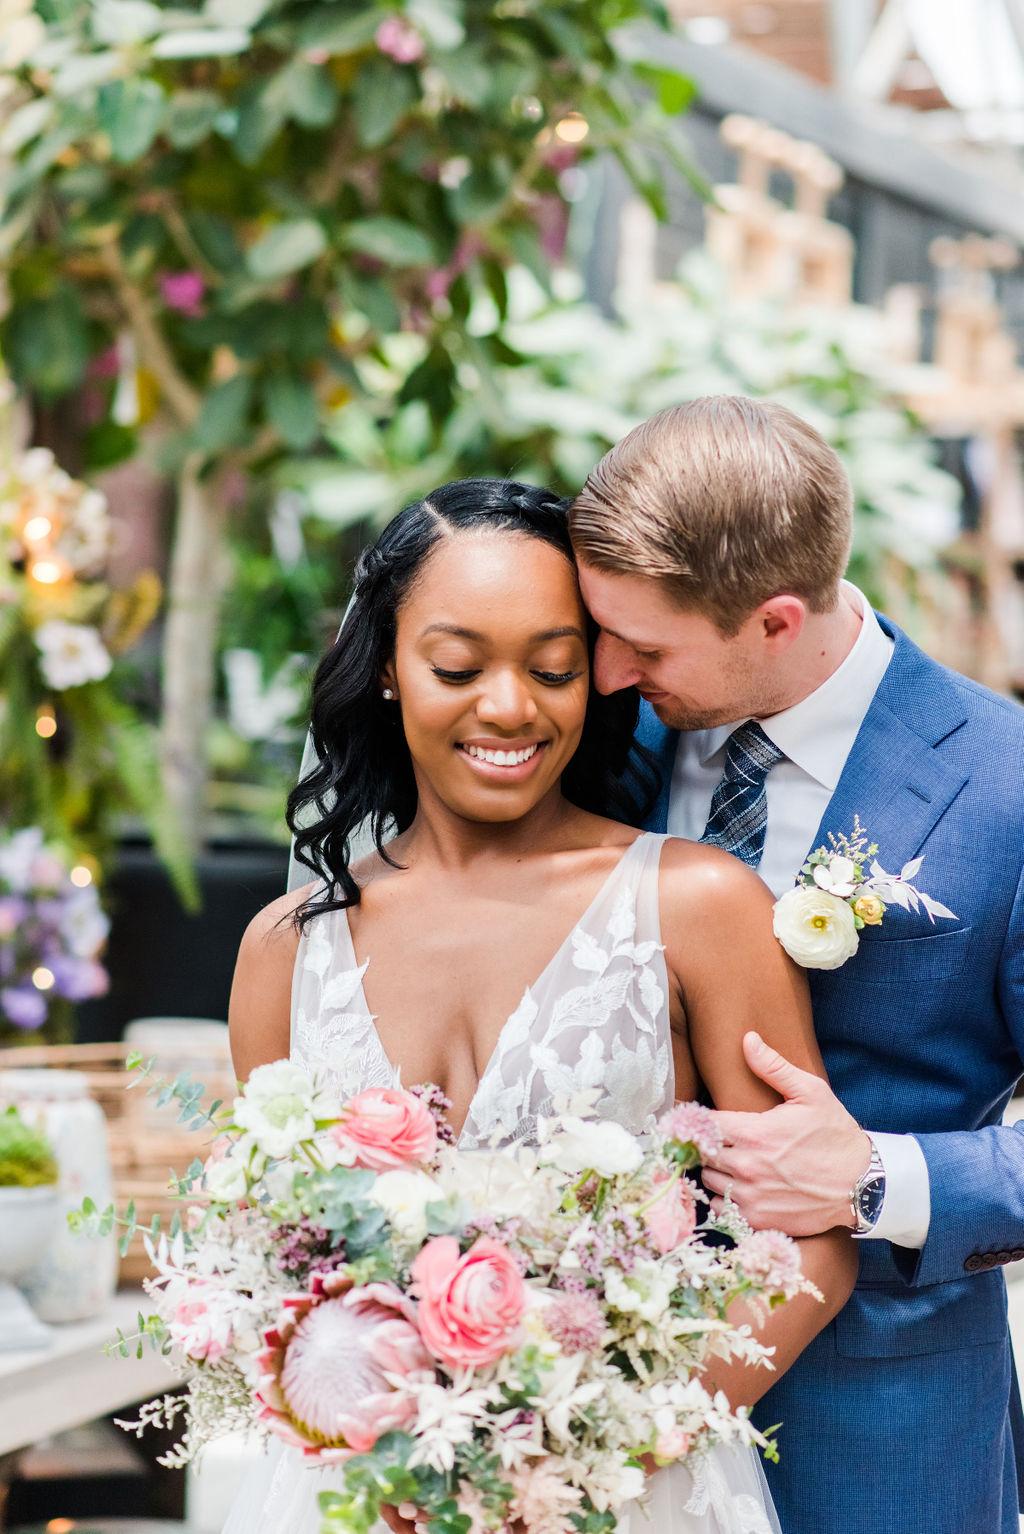 terrain-wedding-glen-mills-andrea-krout-